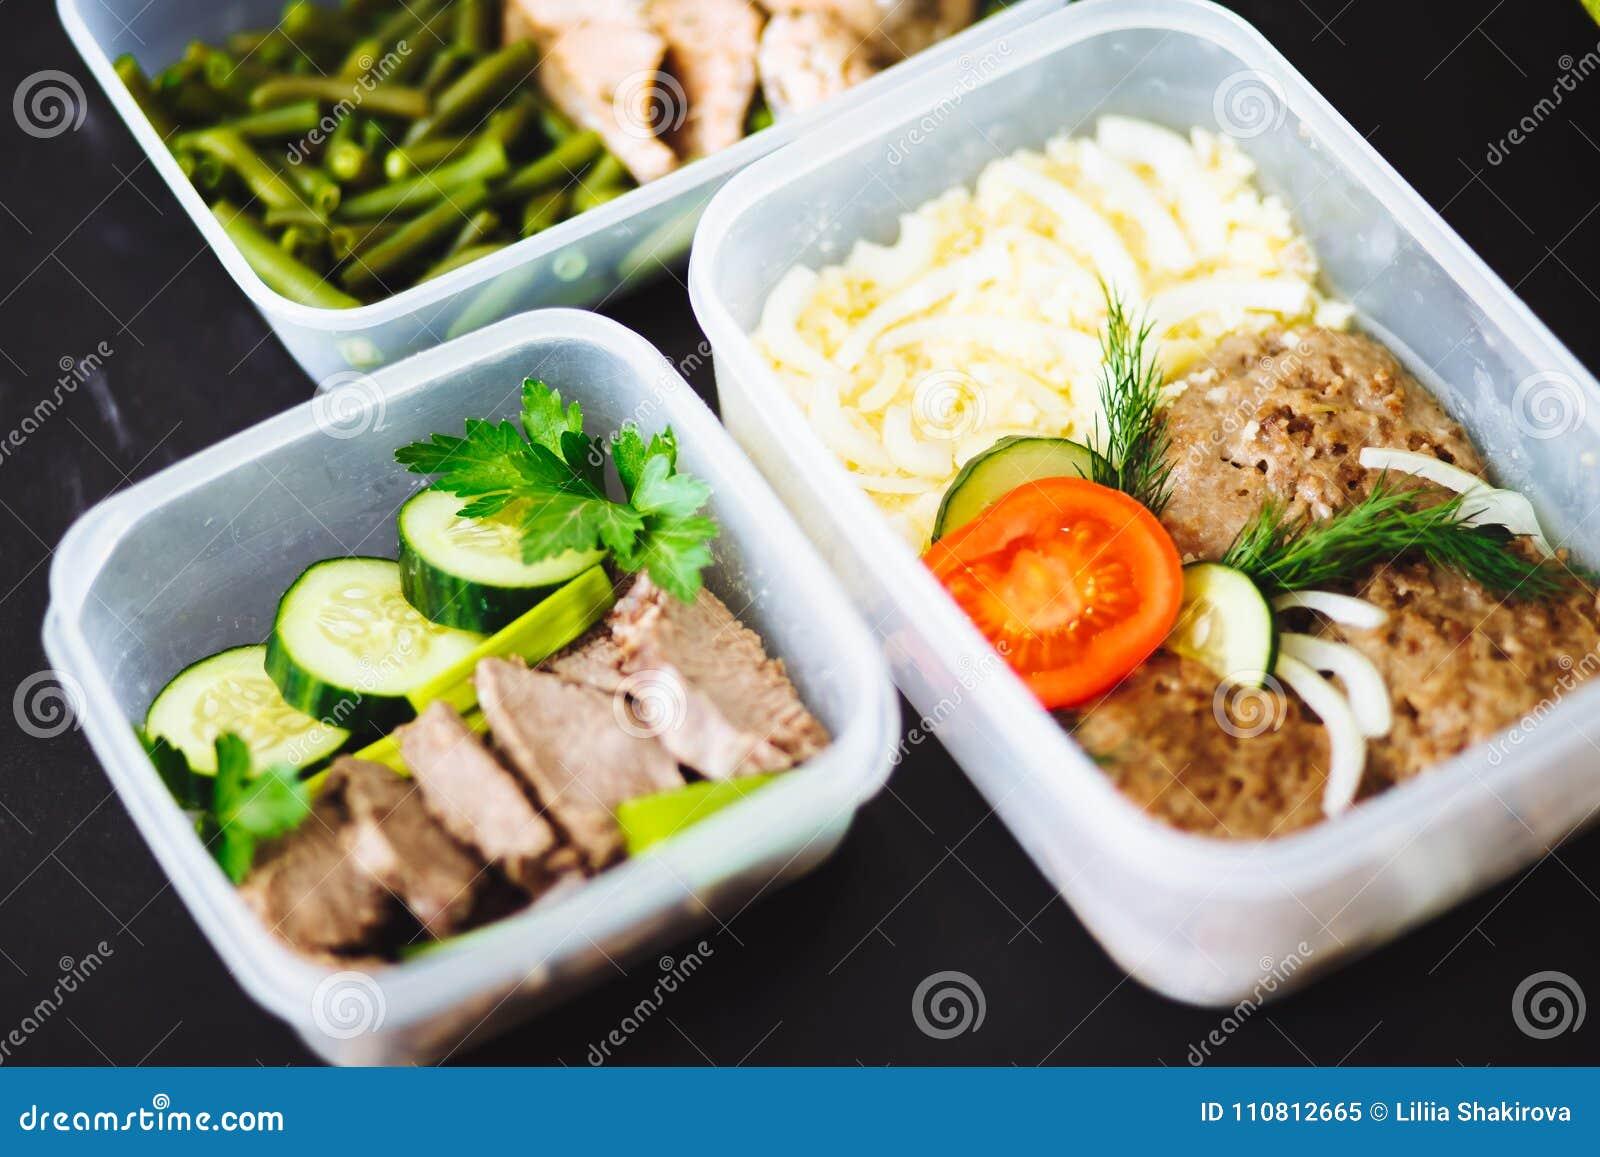 Здоровая еда в контейнерах на черной предпосылке: закуска, обедающий, обед Испеченные рыбы, фасоли, котлеты говядины, картофельны